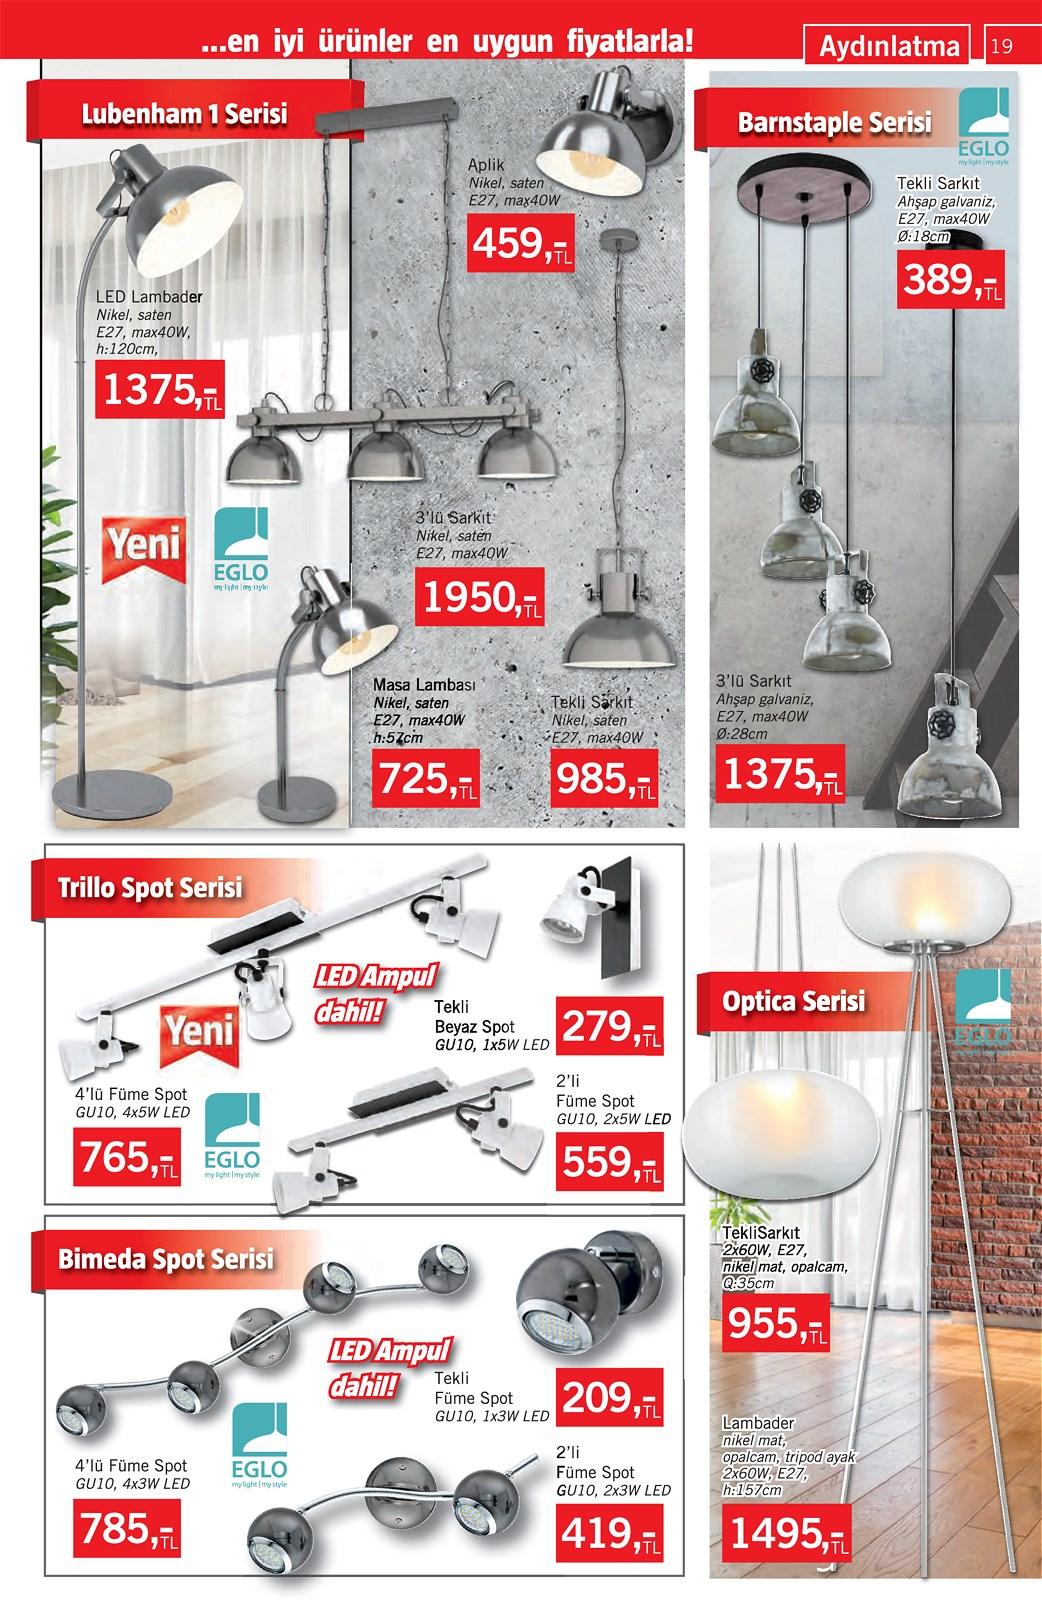 25.09.2021 Bauhaus broşürü 19. sayfa